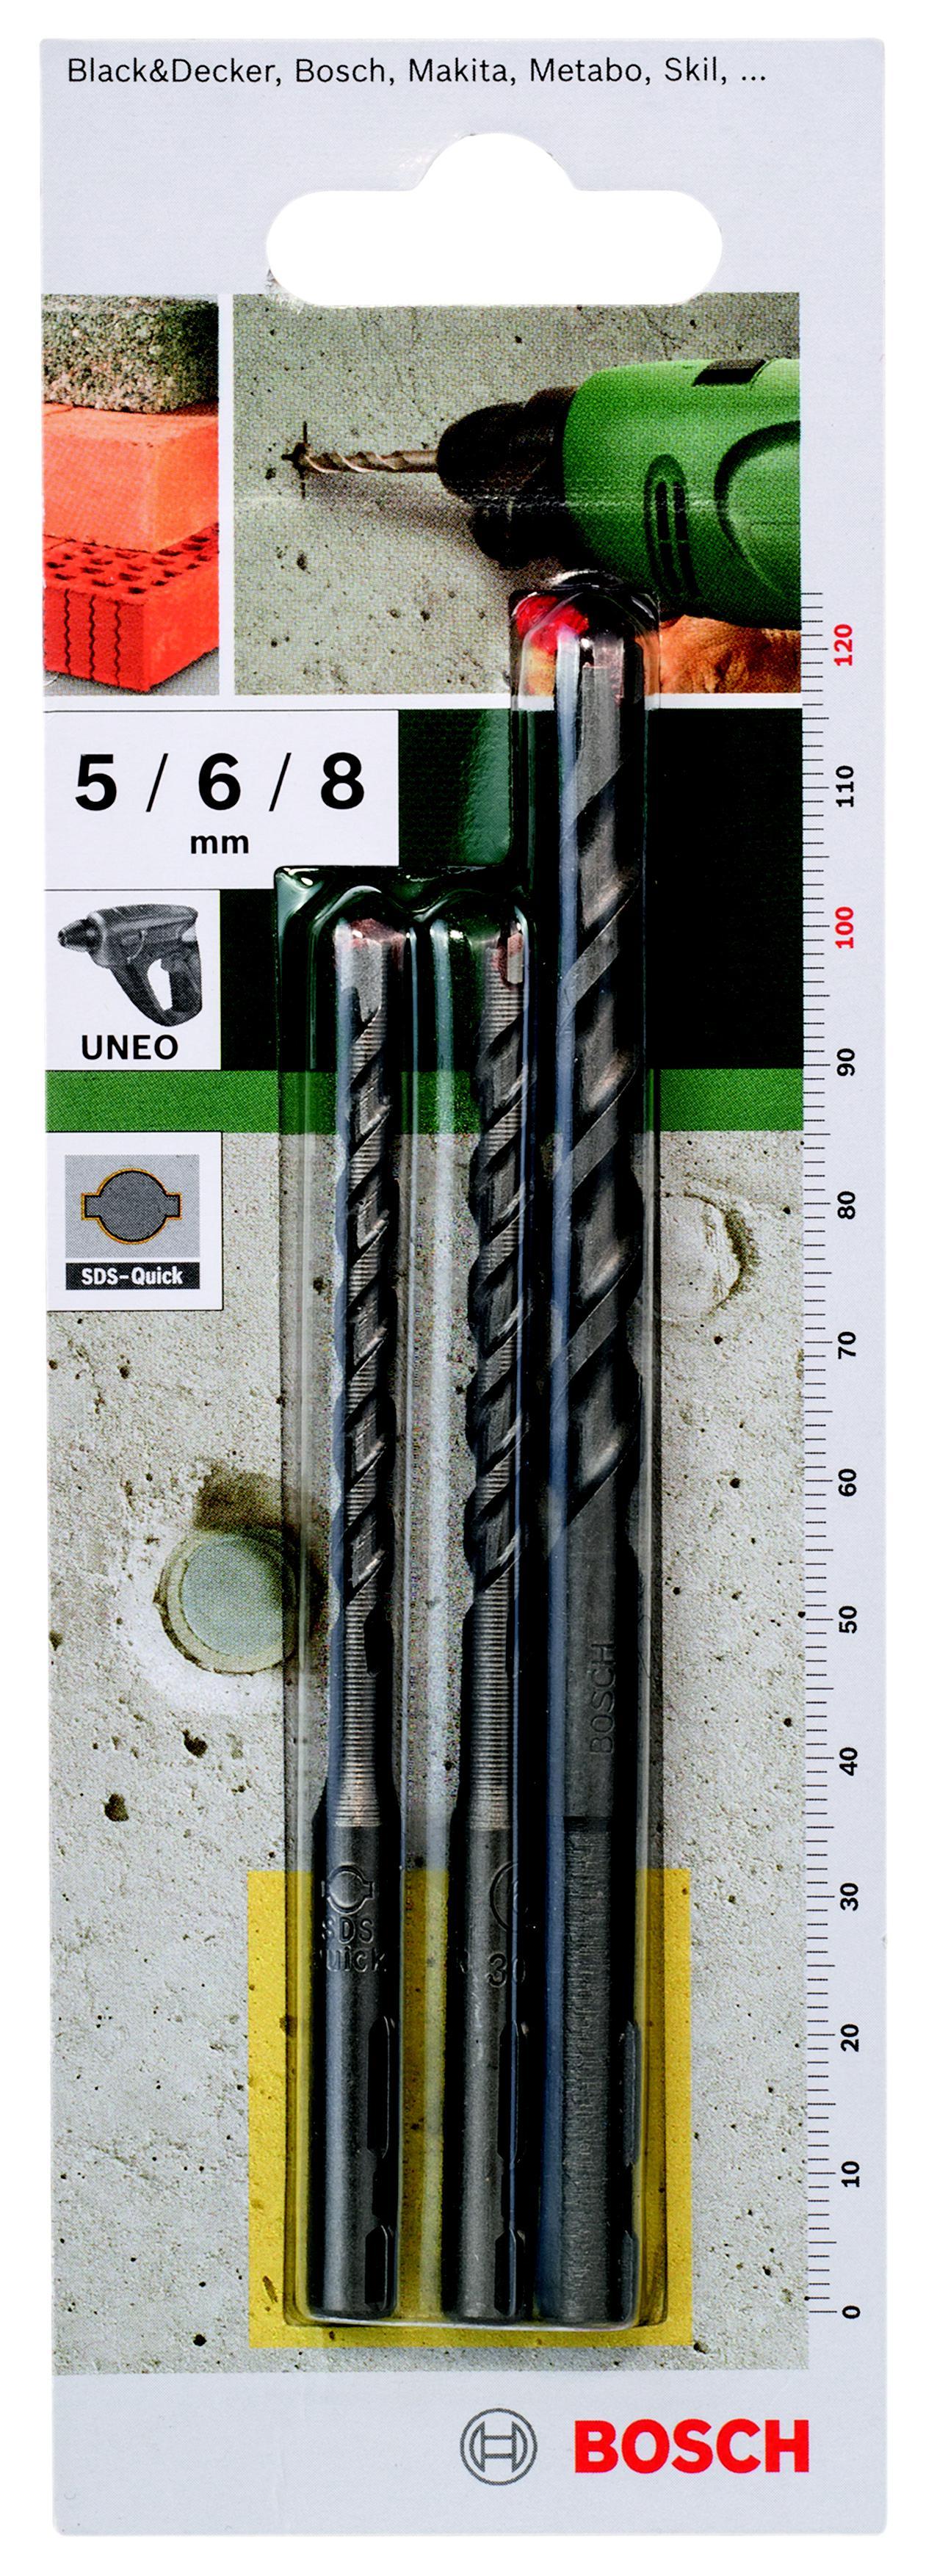 Набор сверл Bosch 2 609 256 908 по бетону, для uneo набор сверел универсальных sds quick bosch 5 0 8 0мм 3шт 2 609 256 918